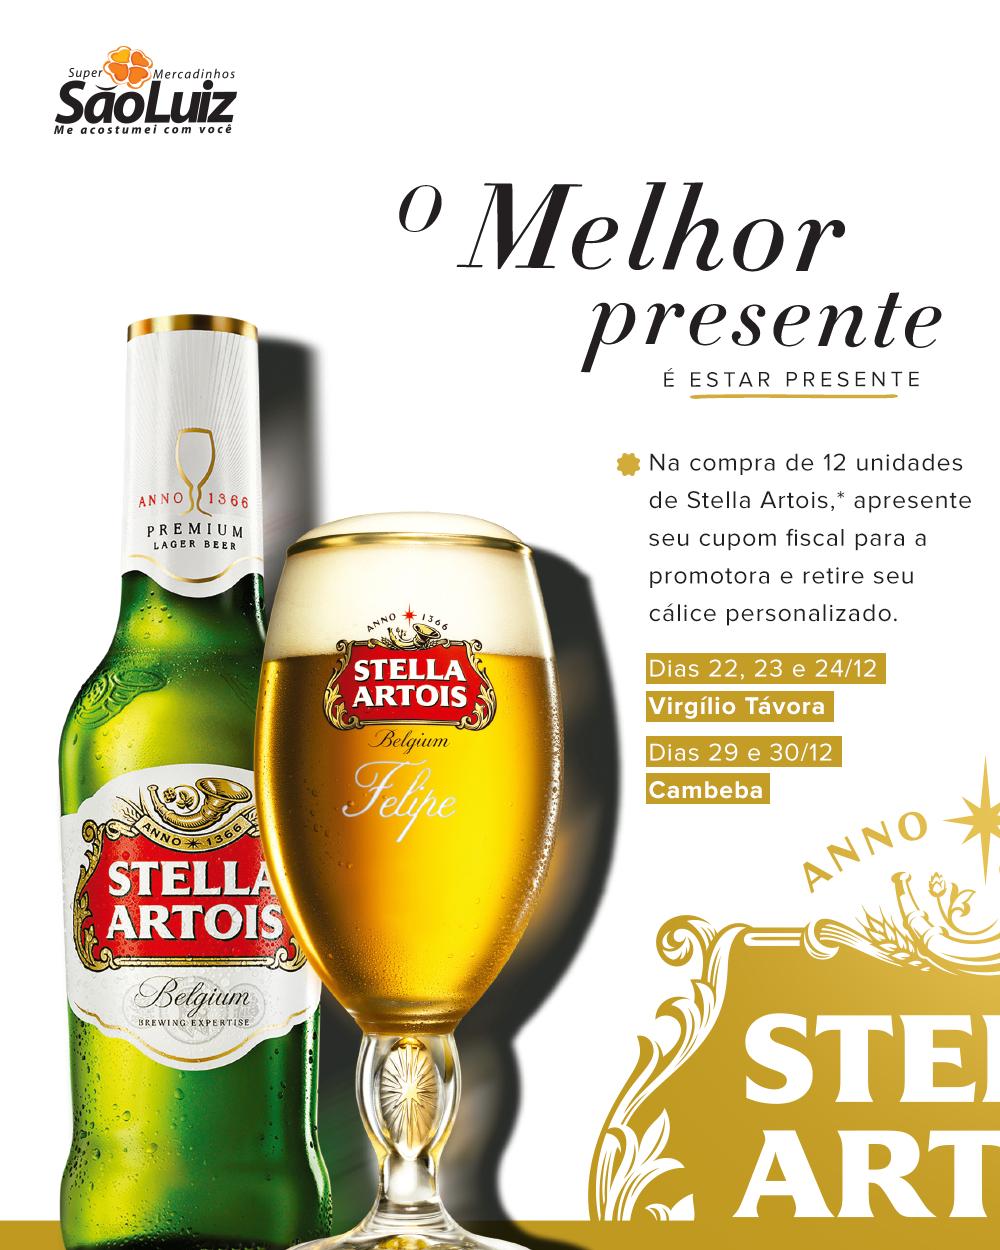 cbe149a152 Mercadinhos São Luiz e Stella Artois lançam promoção nas lojas do Cocó e  Cambeba